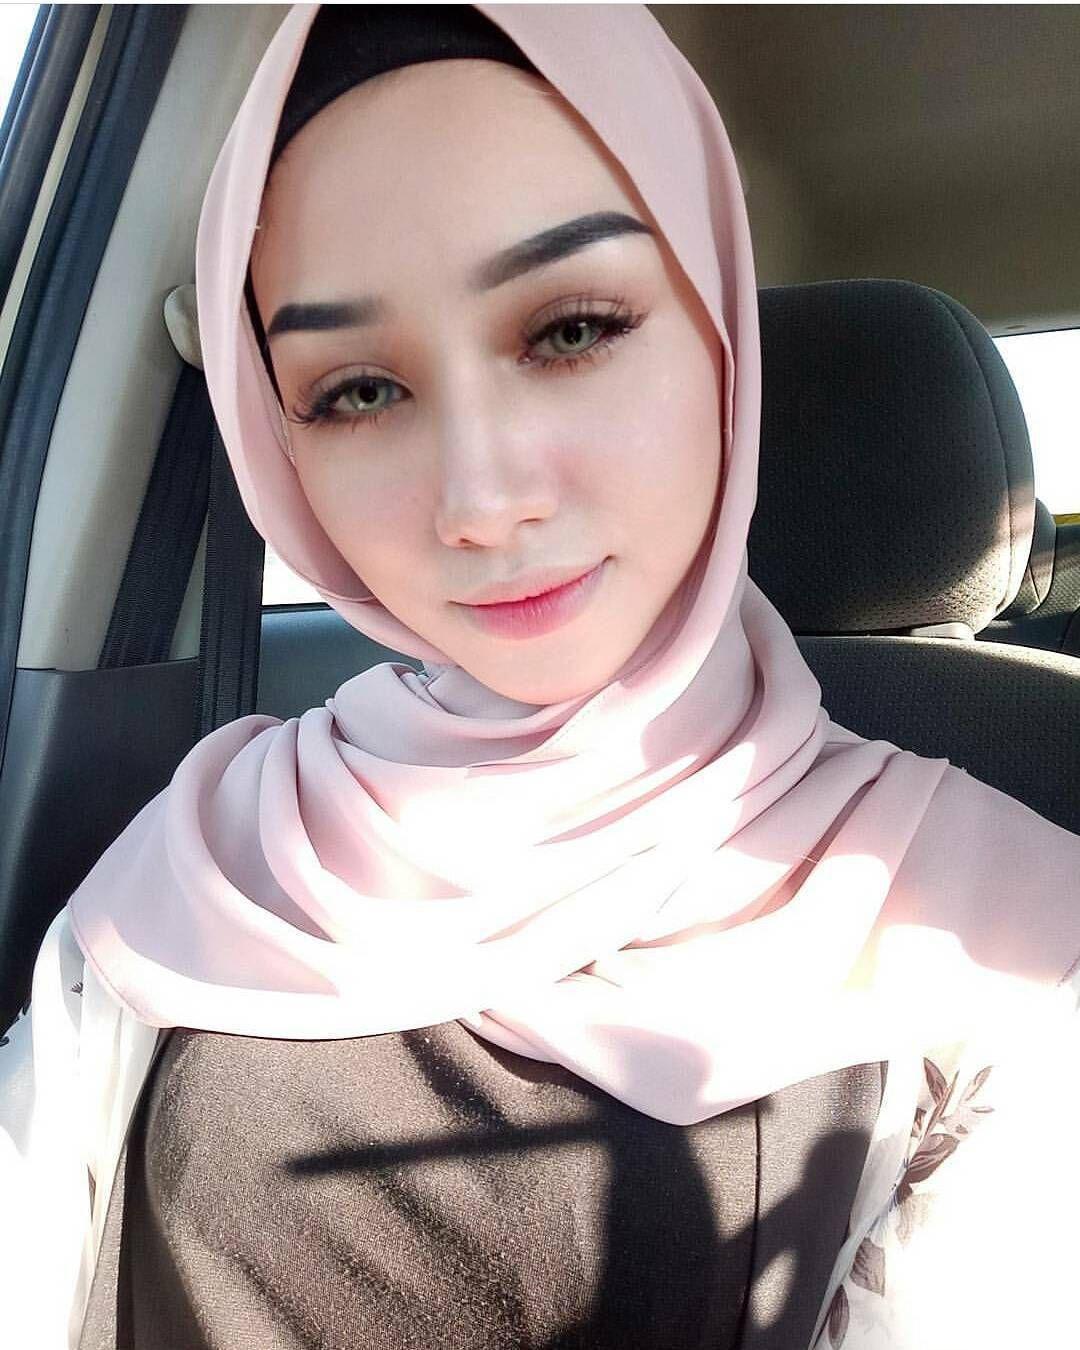 صور بنات محجبات 2020 Hd أحلى رمزيات وخلفيات بنات بالحجاب المصطبة